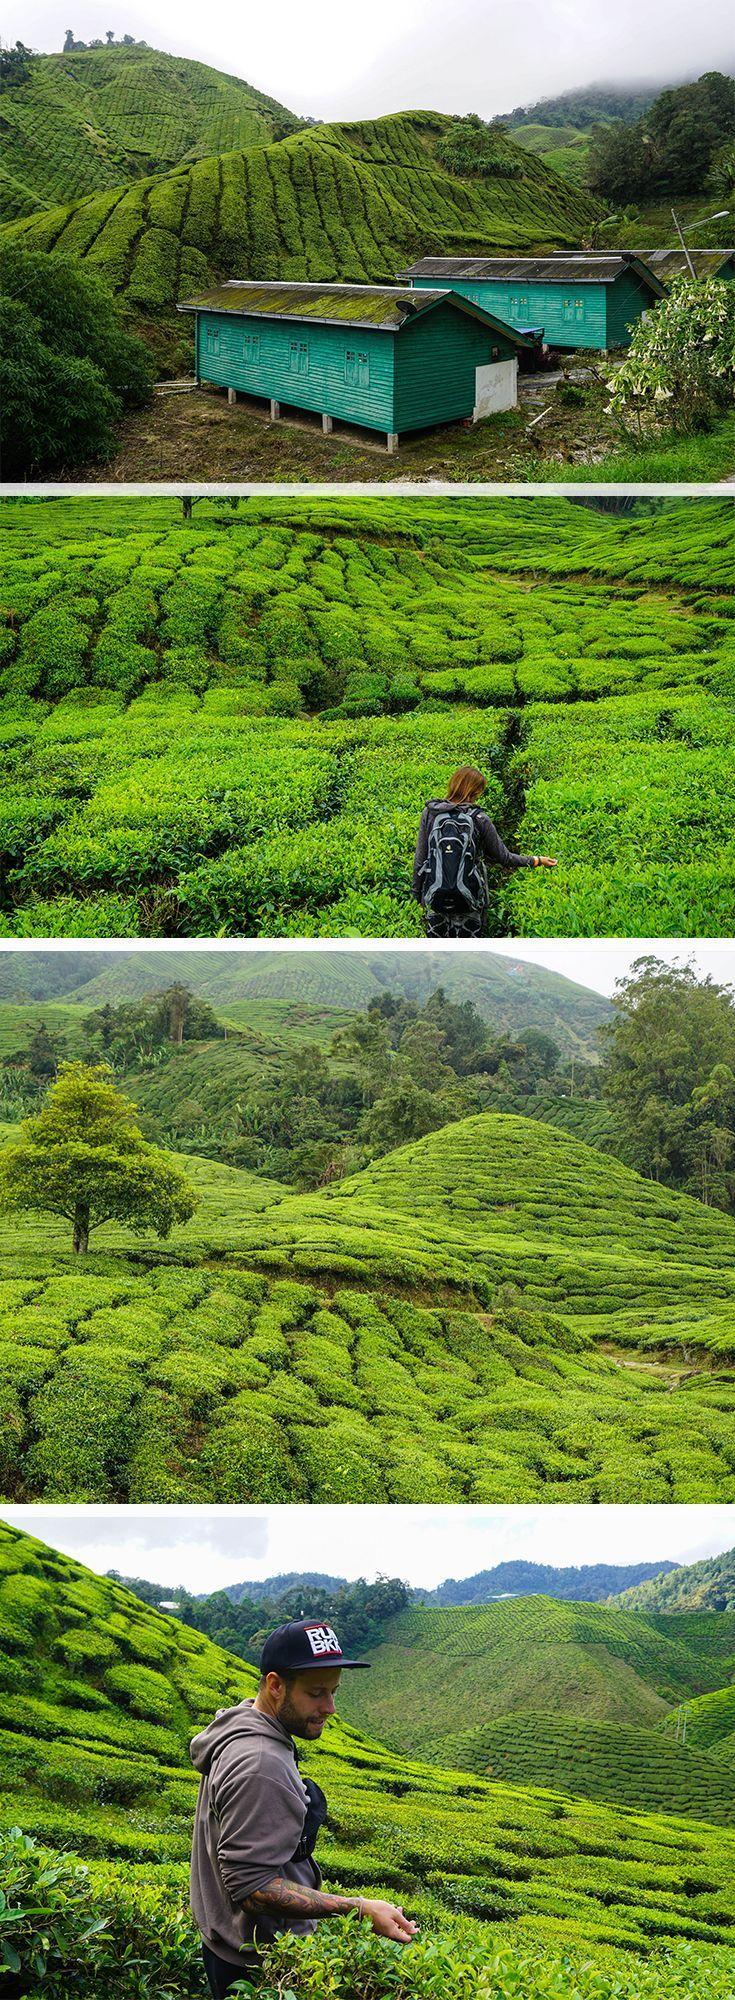 Die Cameron Highlands in Malaysia sind berühmt für ihre Teeplantagen. Deshalb …